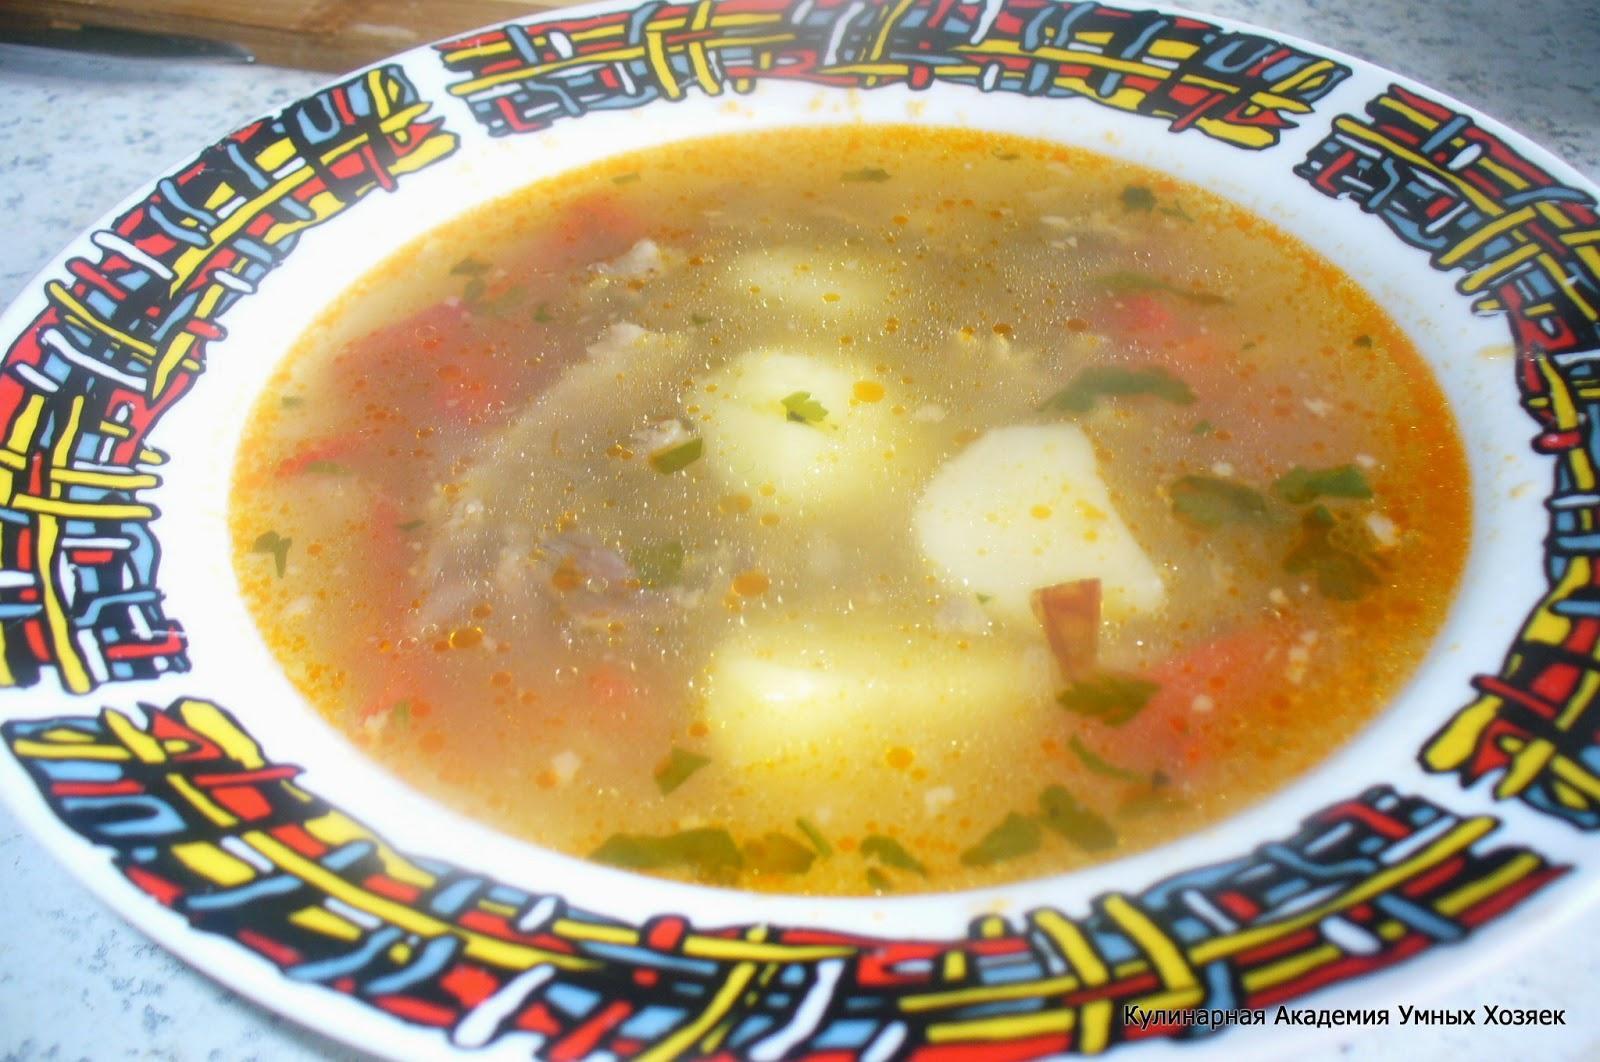 суп с говядиной готовый